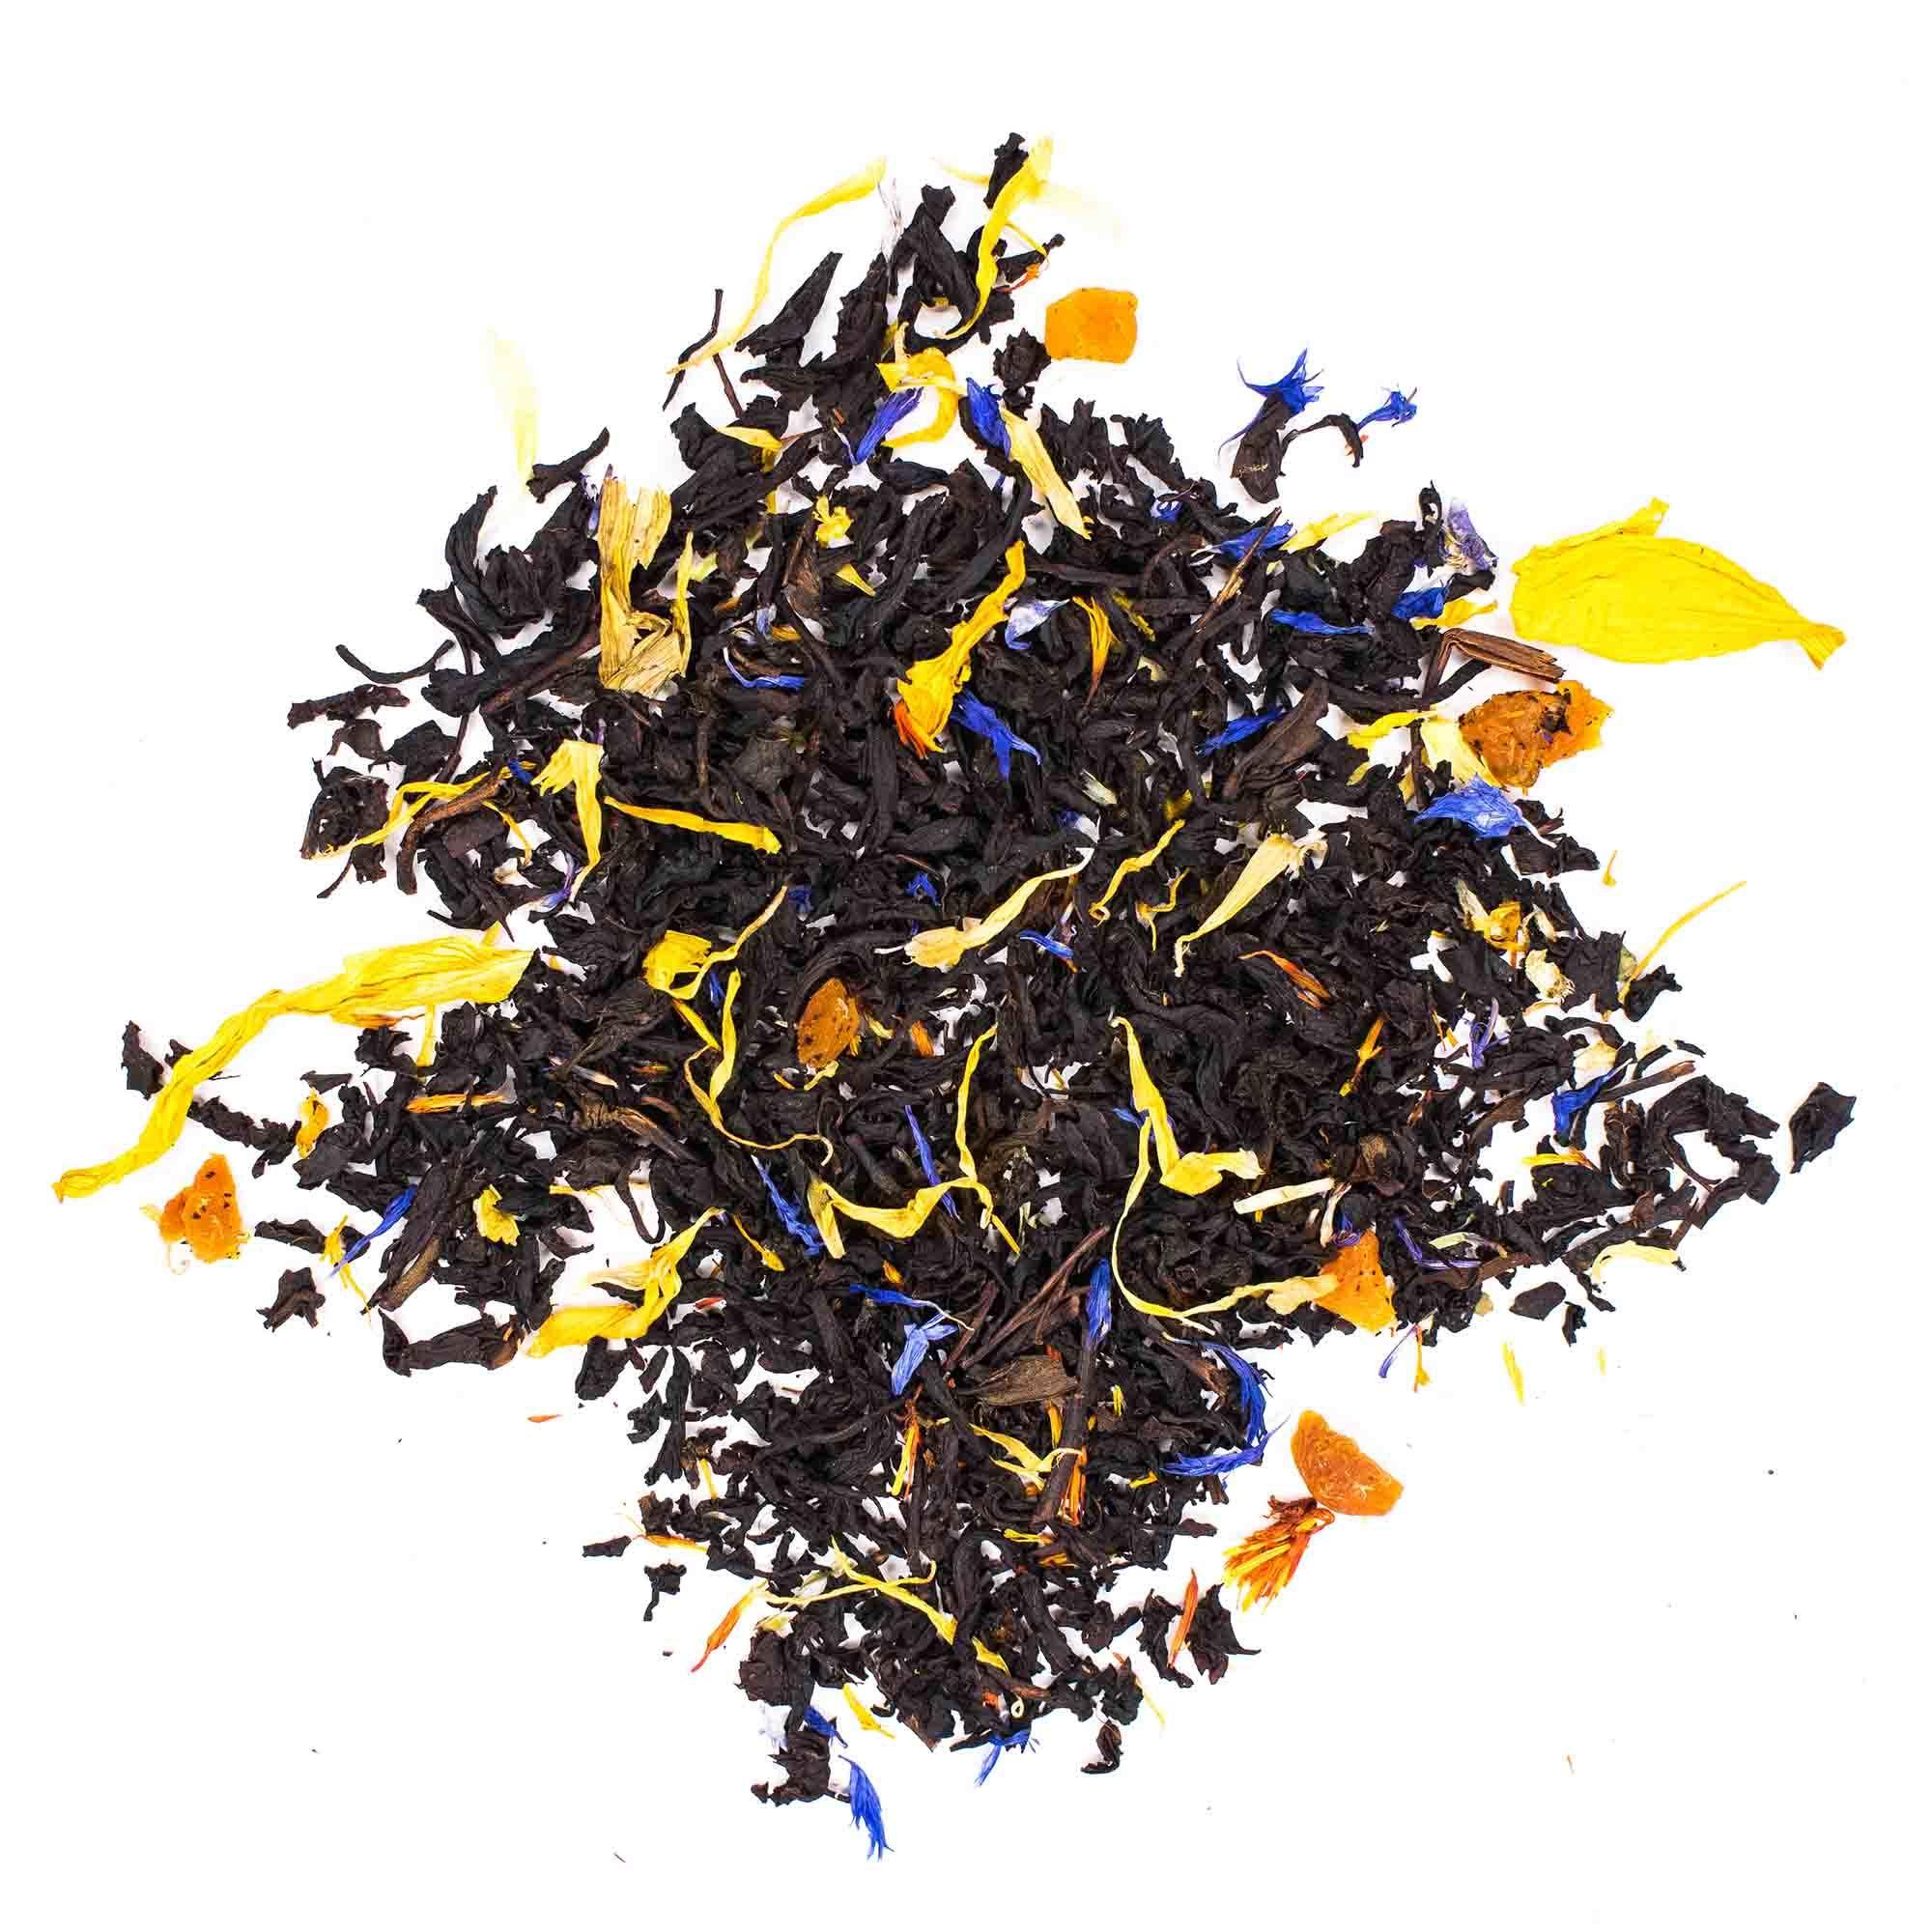 Черный чай Тропический взрыв, черный чай с добавками, 100гр chaycherniisousep-teastar.jpg.jpg